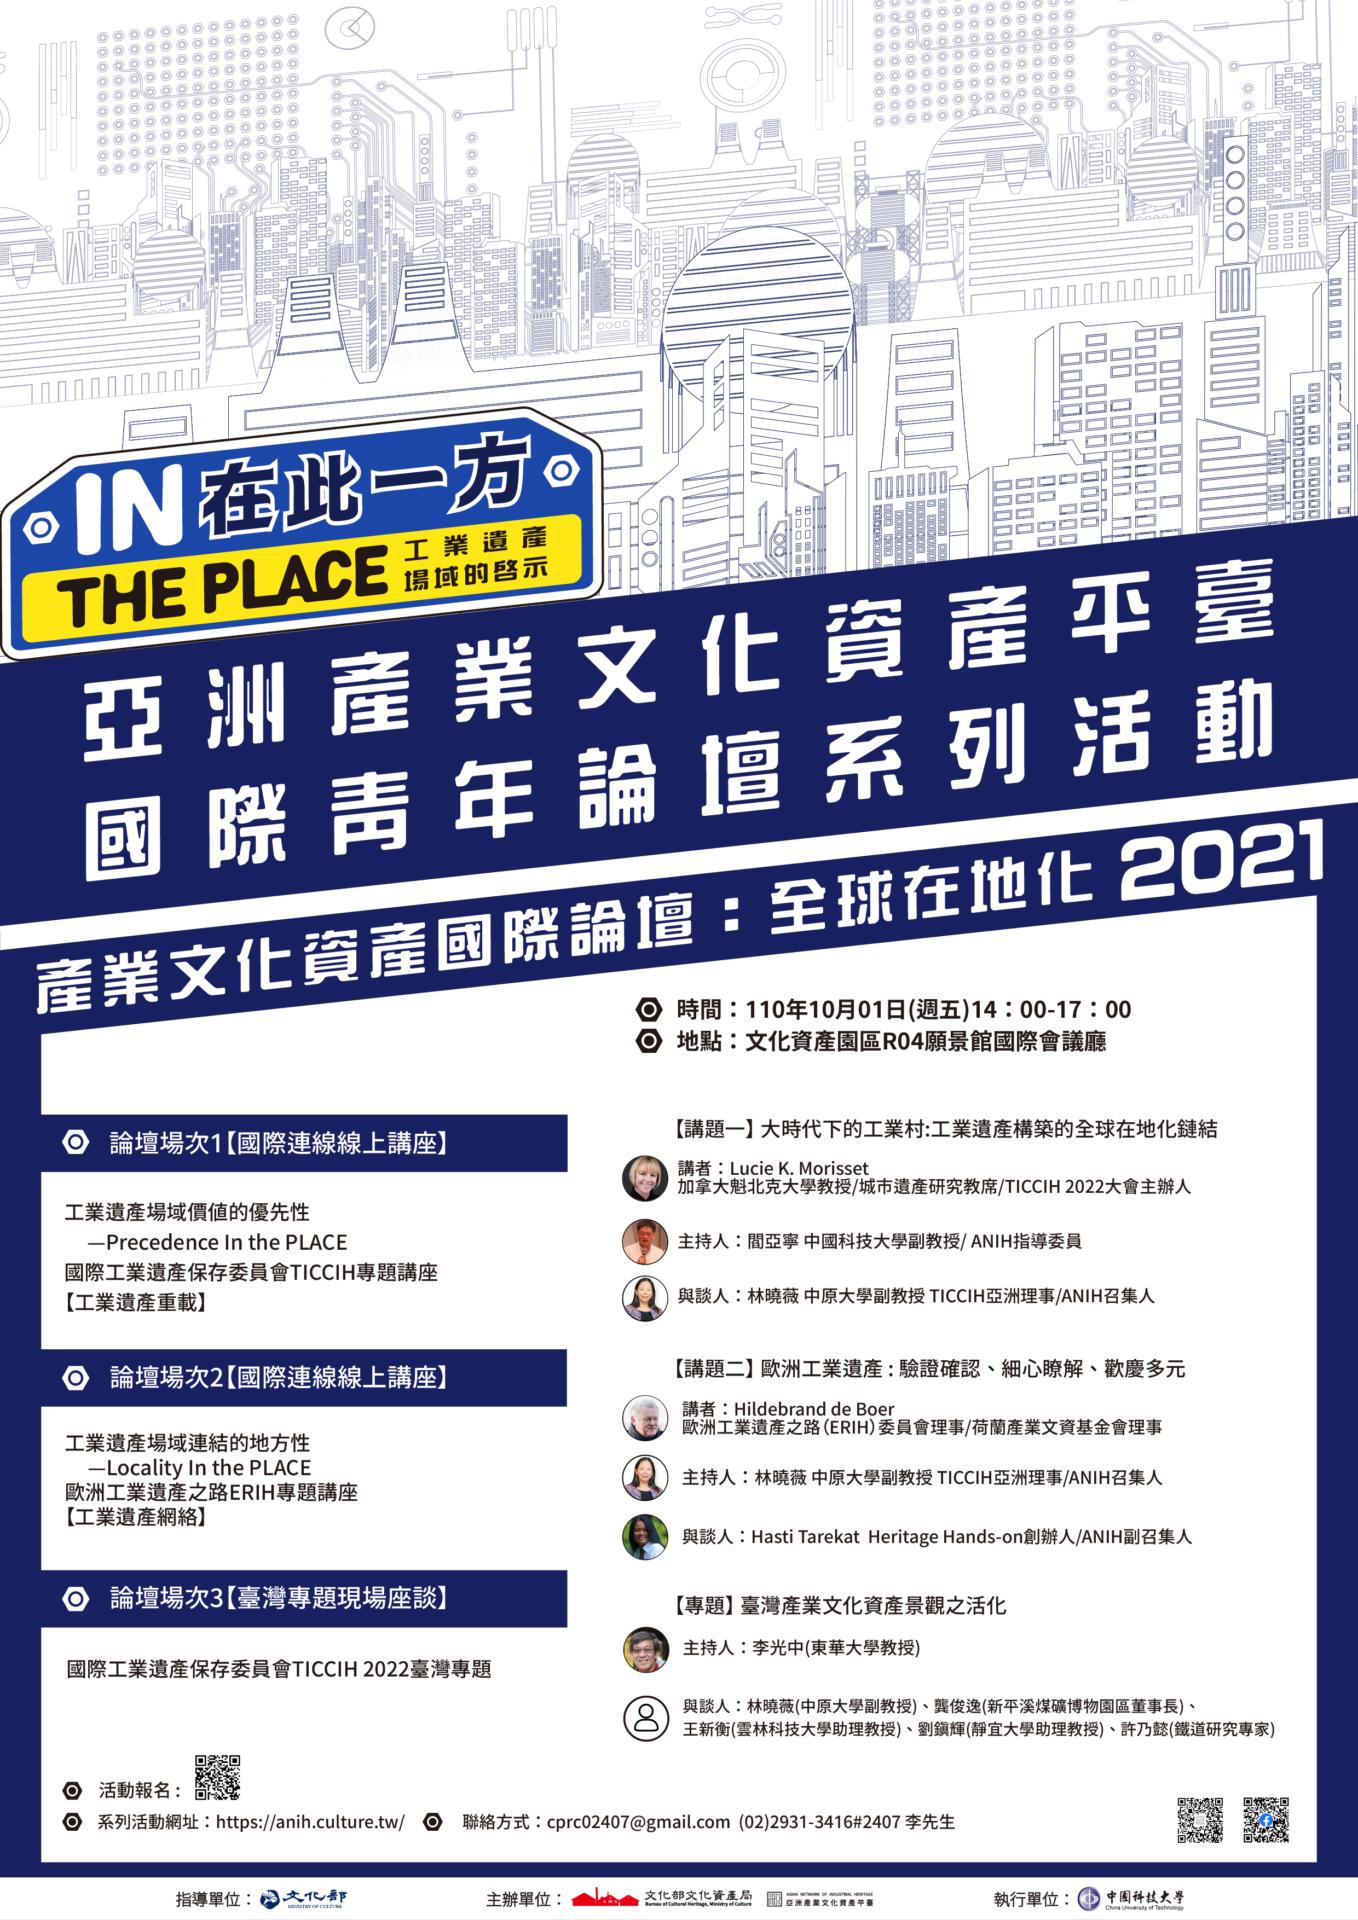 文化部文化資產園區:10/1【2021年亞洲產業文化資產平臺國際青年論壇系列活動:在此一方X產業文化資產國際論壇-全球在地化】